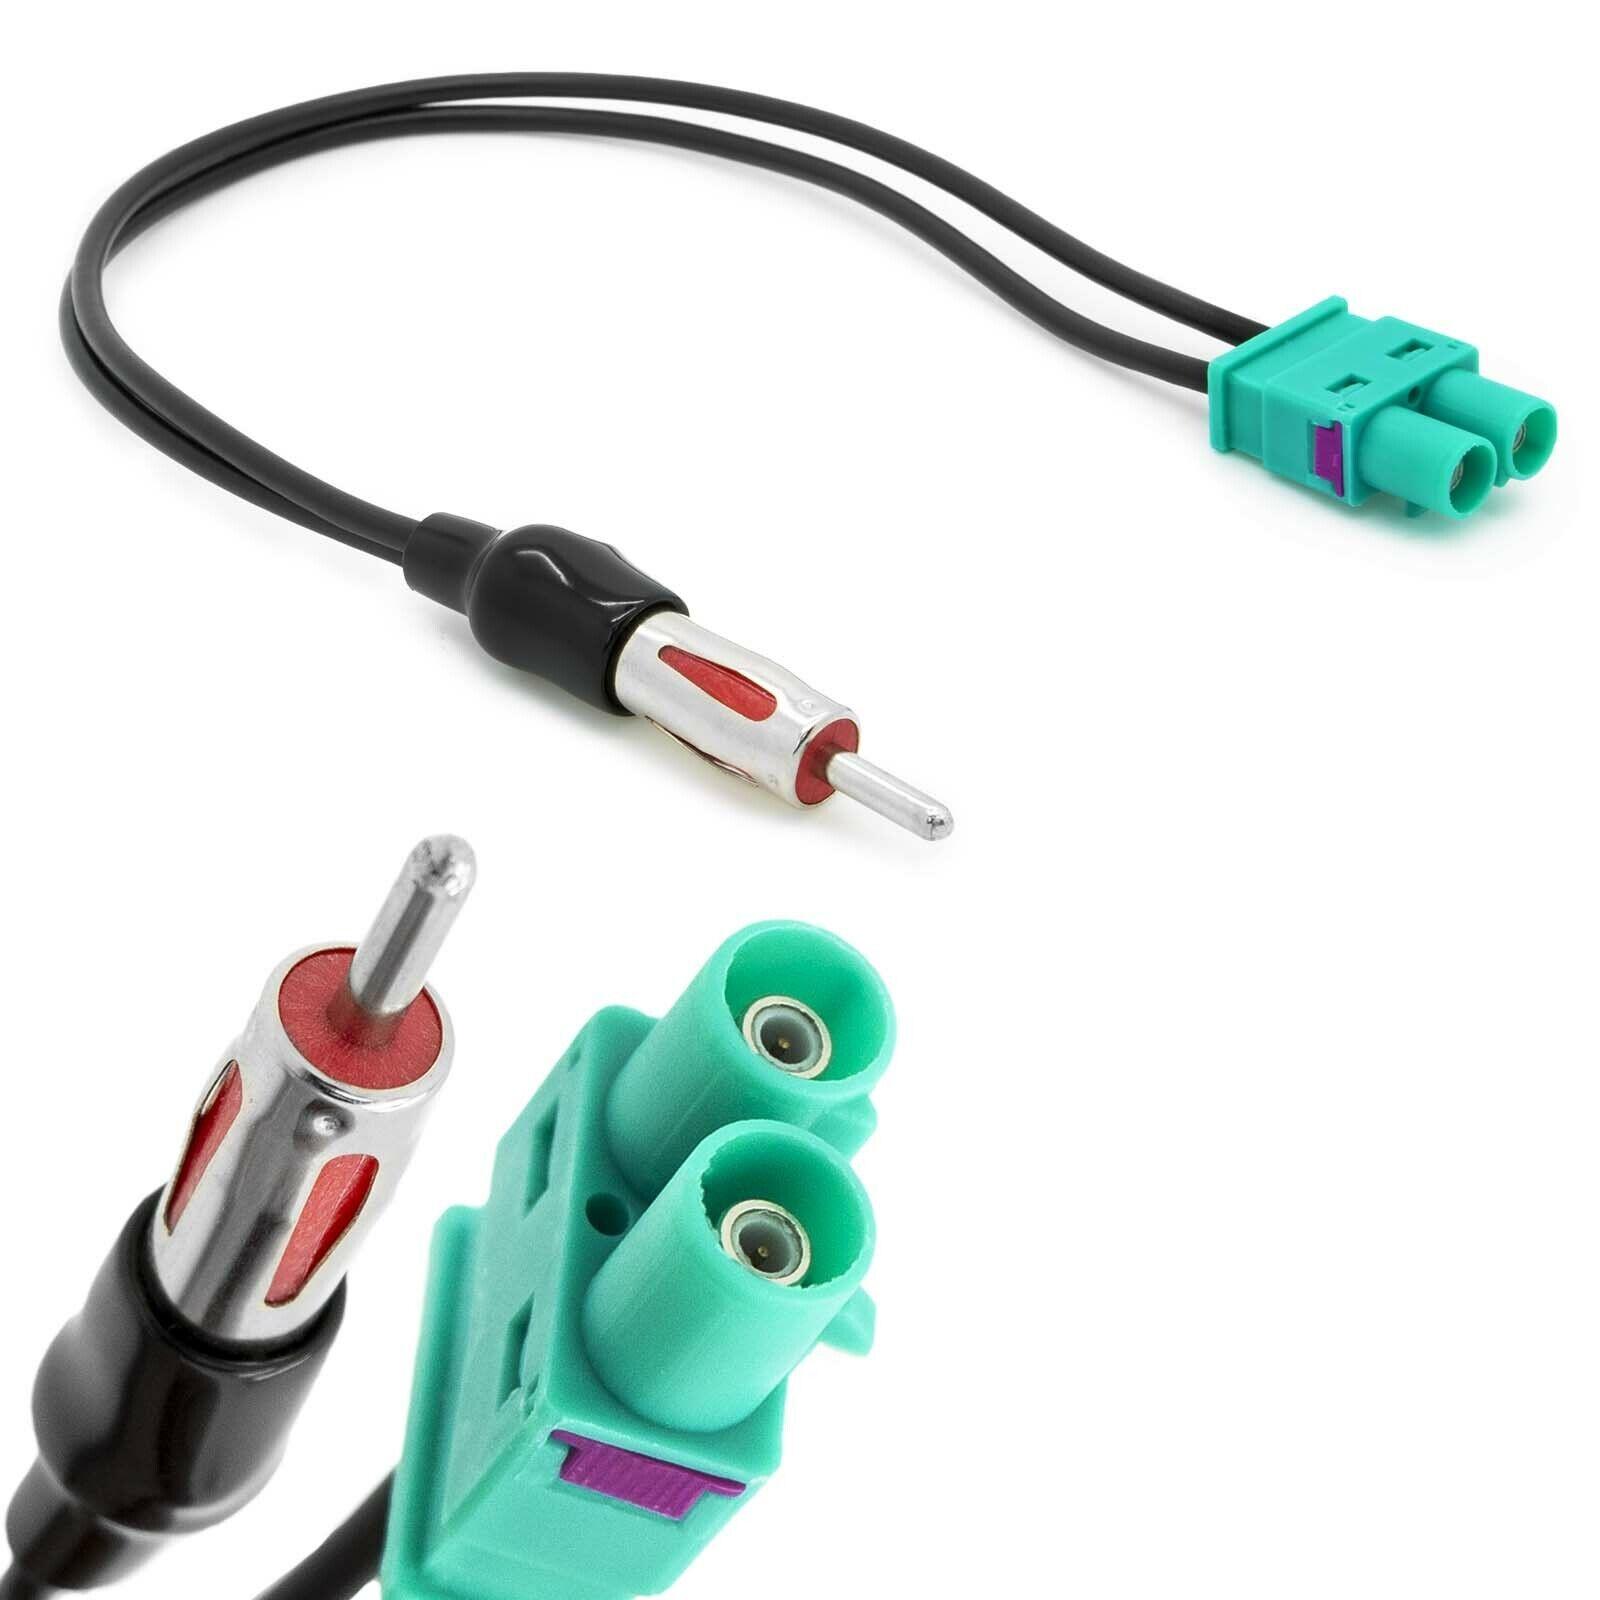 Doppel Fakra (Z) Radio Antennen Adapter DIN ISO Stecker für Audi VW Seat Volvo